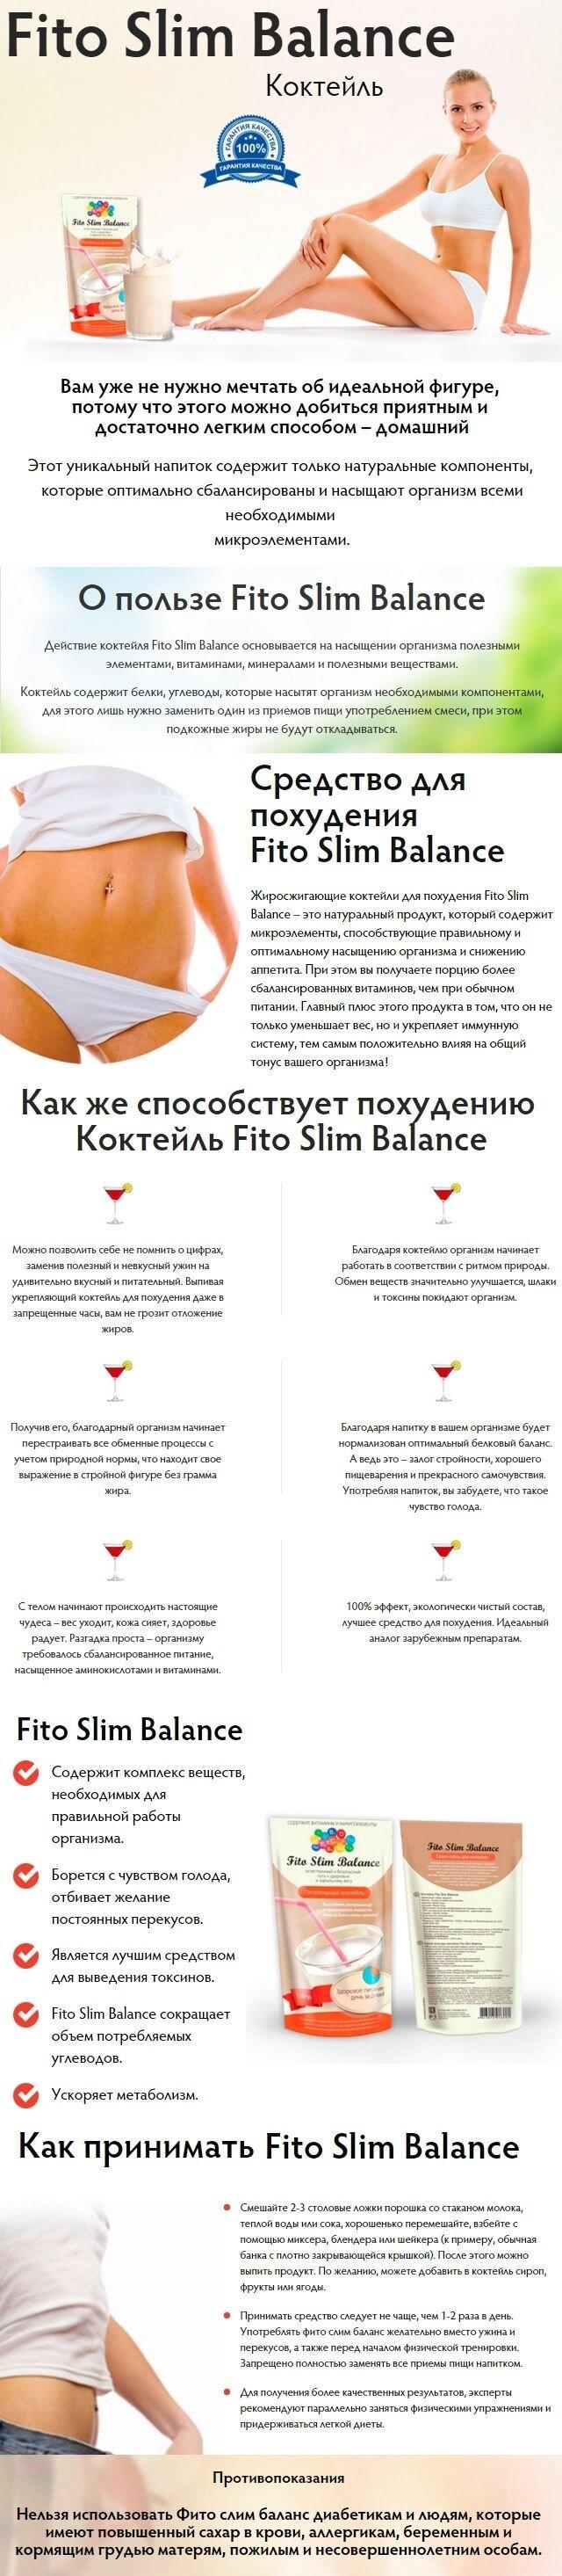 Коктейль для похудения Fito Slim Balance - фото Fito Slim Balance купить